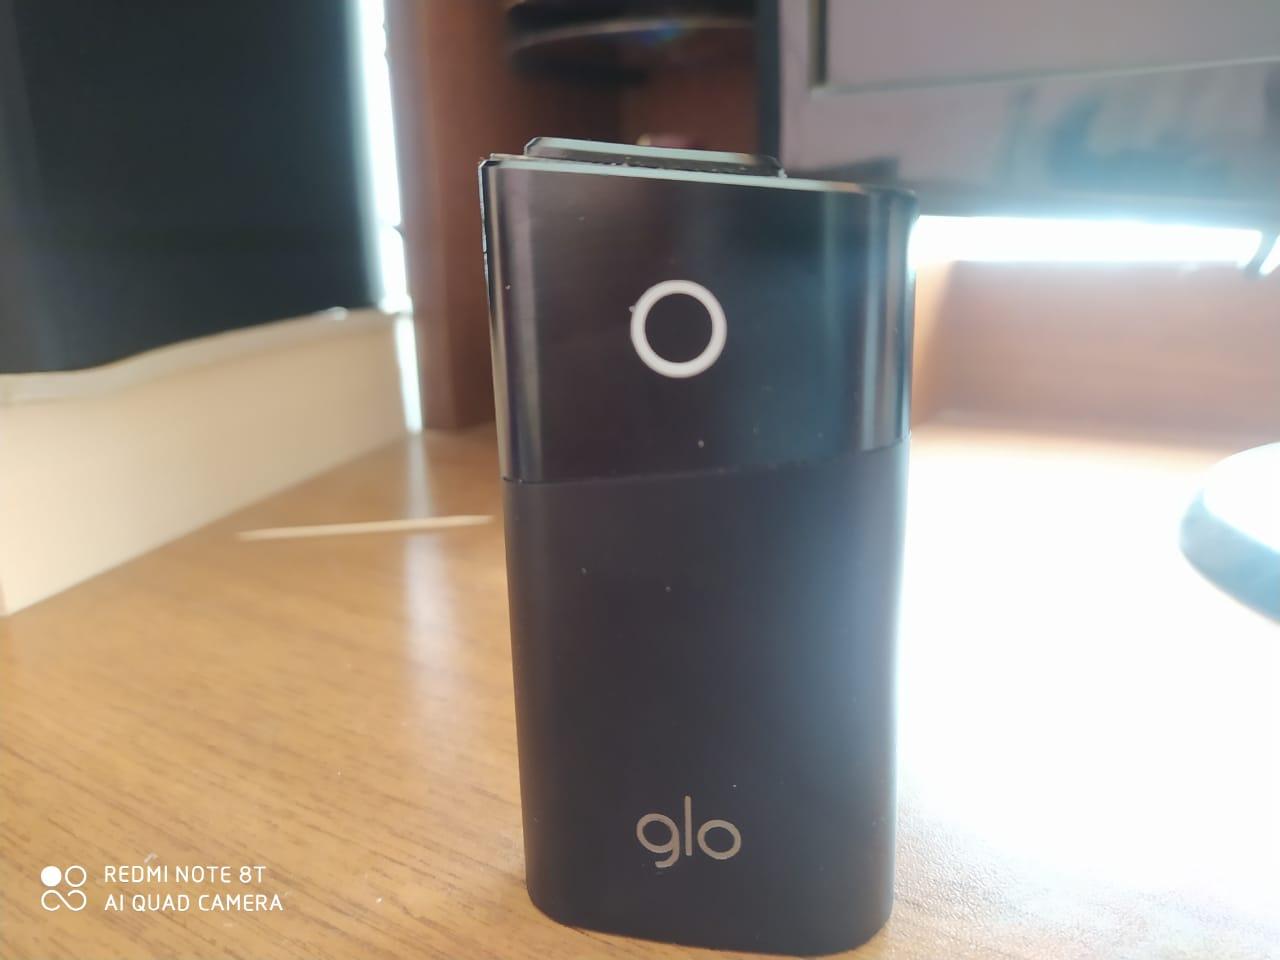 Glo 2 - Original Tütün qızdırıcısı - siqareti tərgitmək